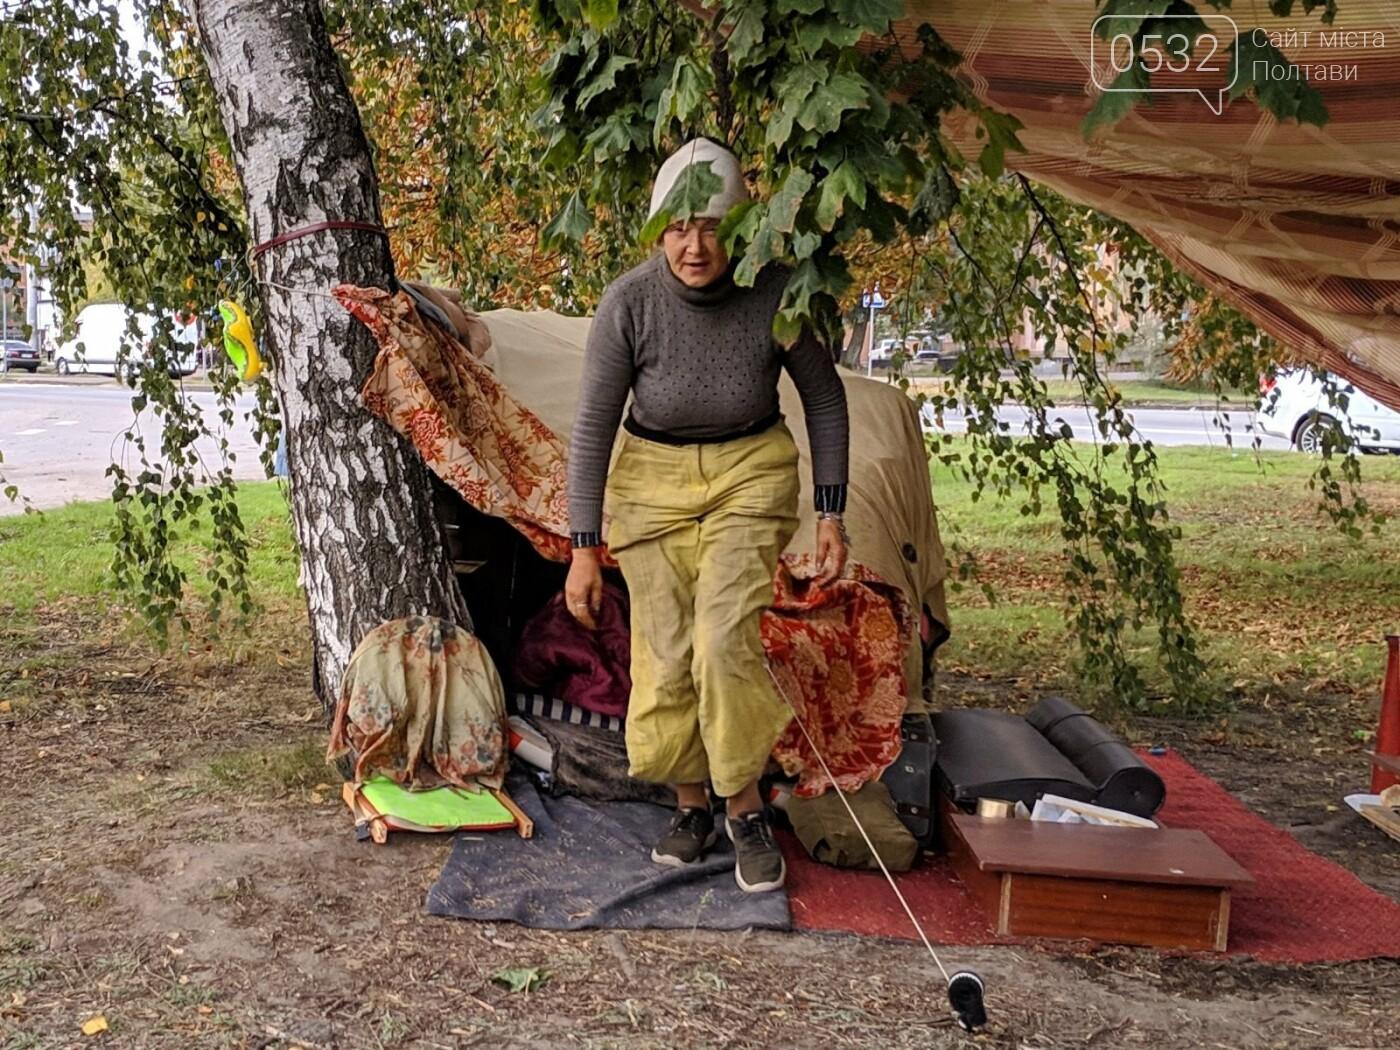 """У Полтаві безпритульна  будує нову """"дачу"""" біля дороги та чекає на квартиру від міської влади (ФОТО, ВІДЕО), фото-1"""